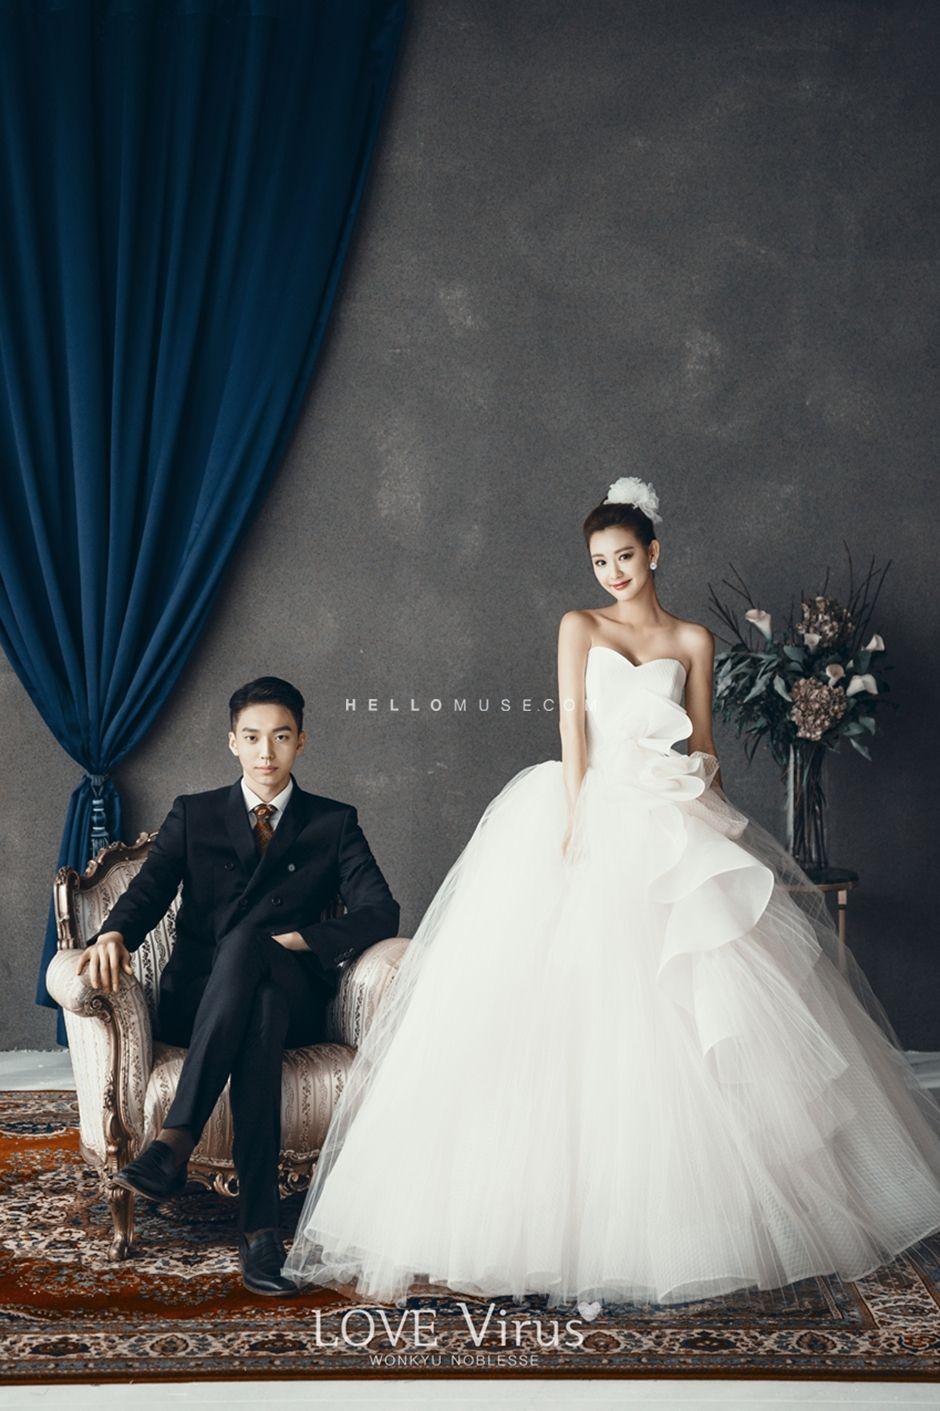 Cute wedding group shot cute pre wedding photo shoot best wedding cute wedding group shot cute pre wedding photo shoot best wedding photography korean junglespirit Choice Image